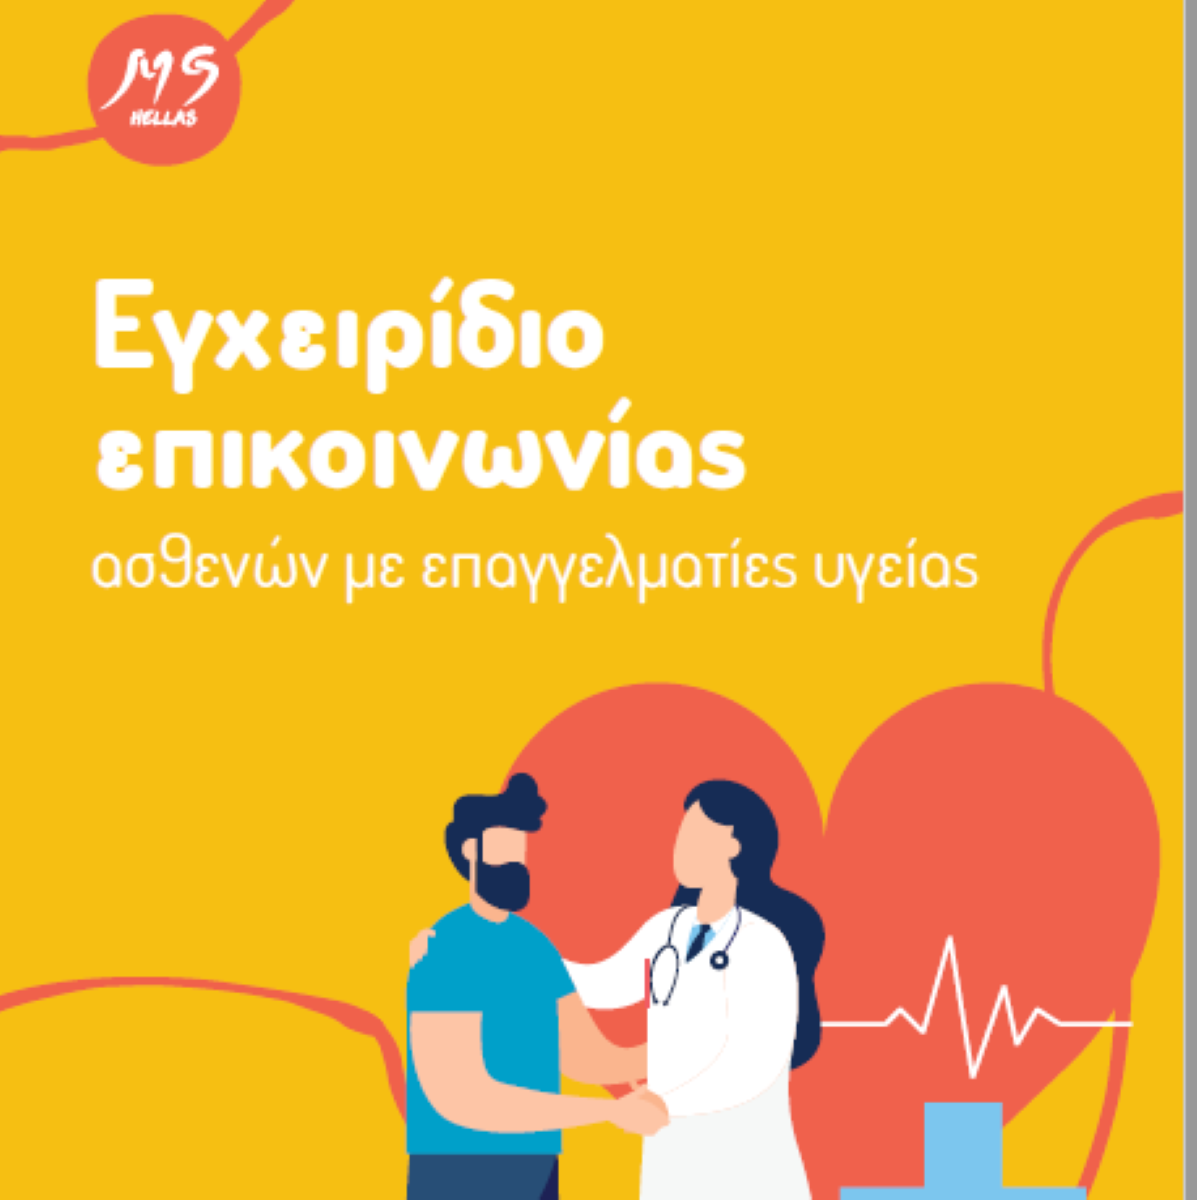 ΠΟΑμΣΚΠ: Εγχειρίδιο επικοινωνίας ασθενών με επαγγελματίες υγείας